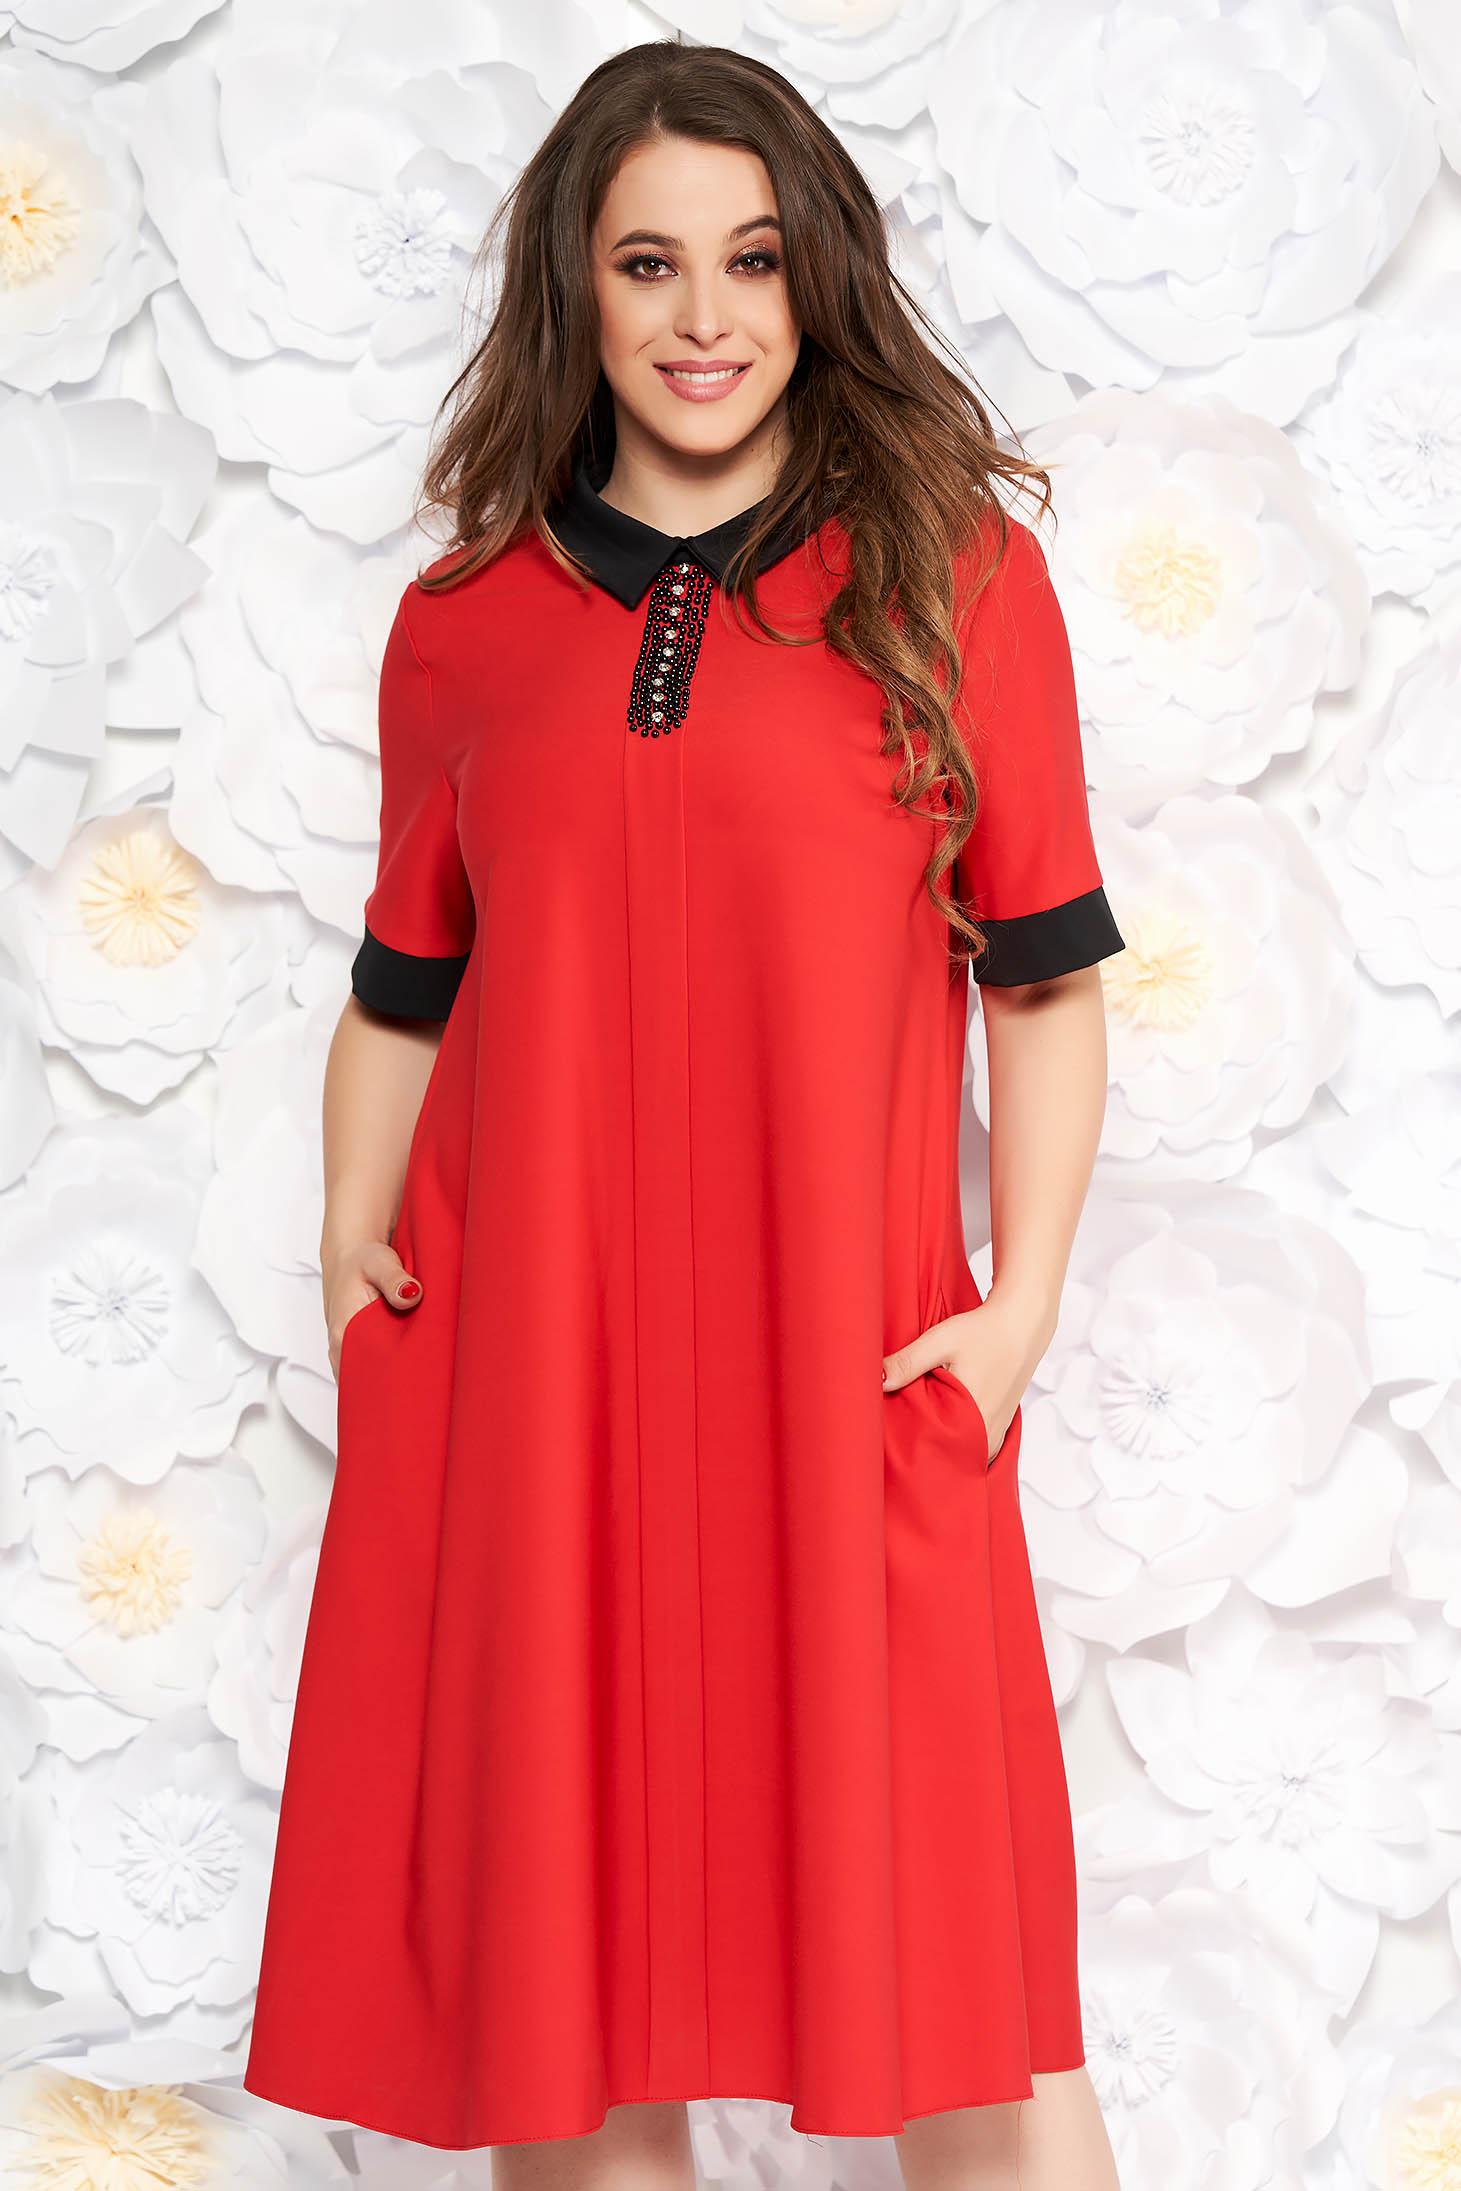 Piros elegáns midi bő szabású ruha finom tapintású anyag zsebes gyöngyös díszítés